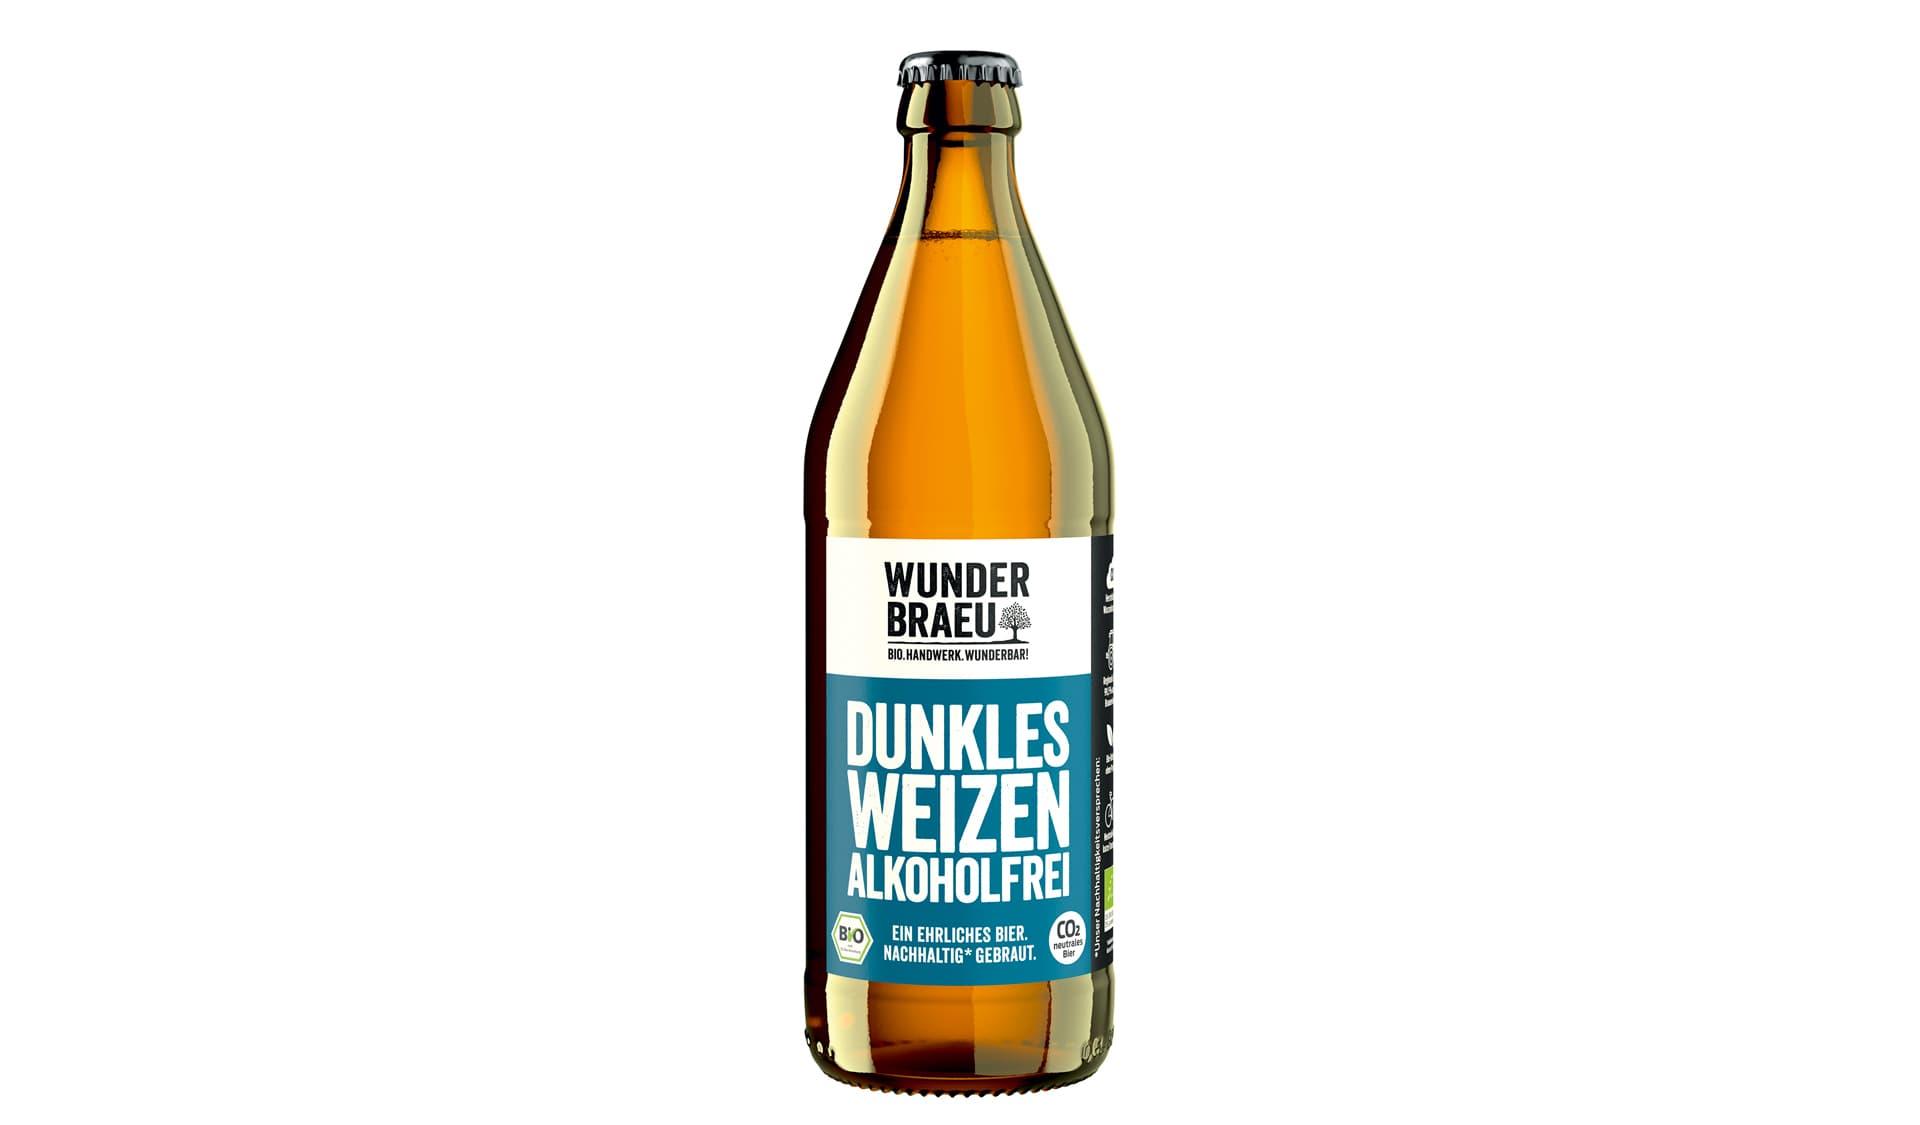 Wunderbräu Dunkles Weizen alkoholfrei (www.wunderbraeu.de)